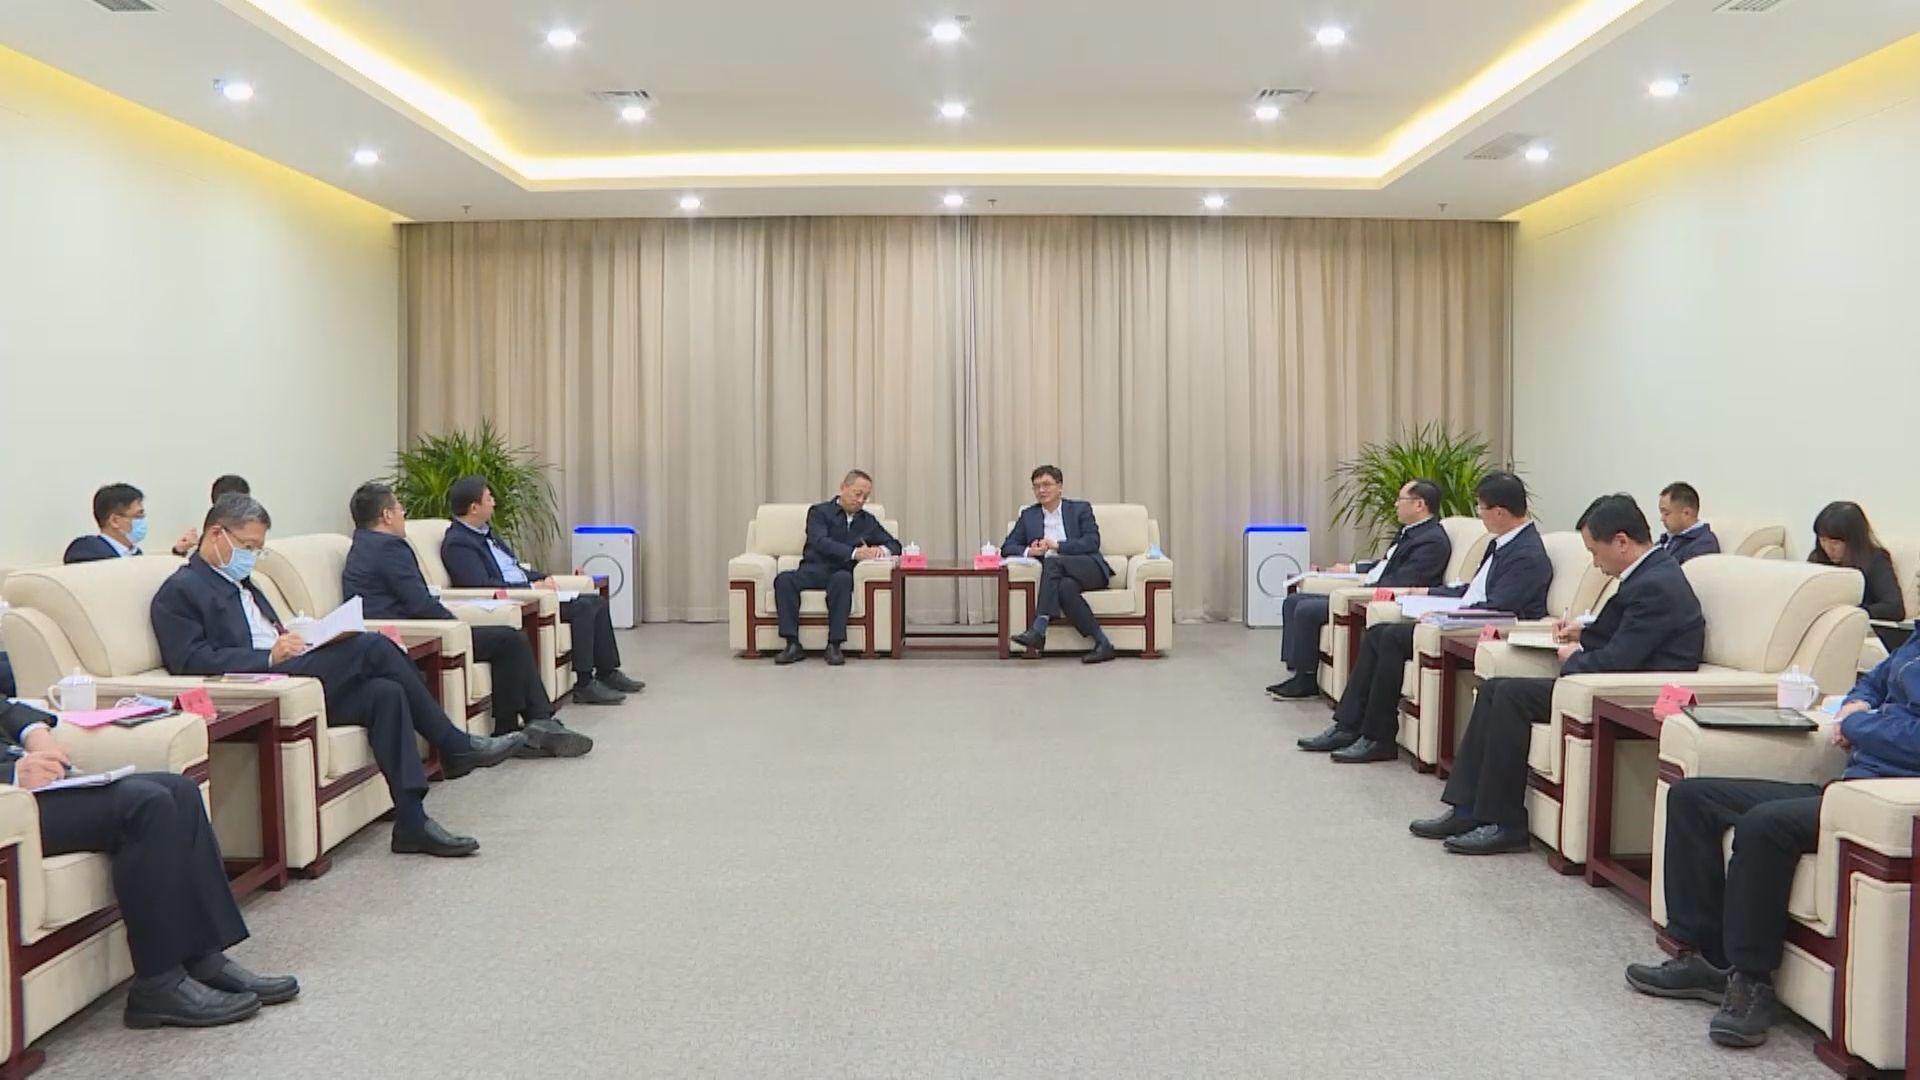 陈刚与中国移动通信集团总经理董昕一行举行工作座谈